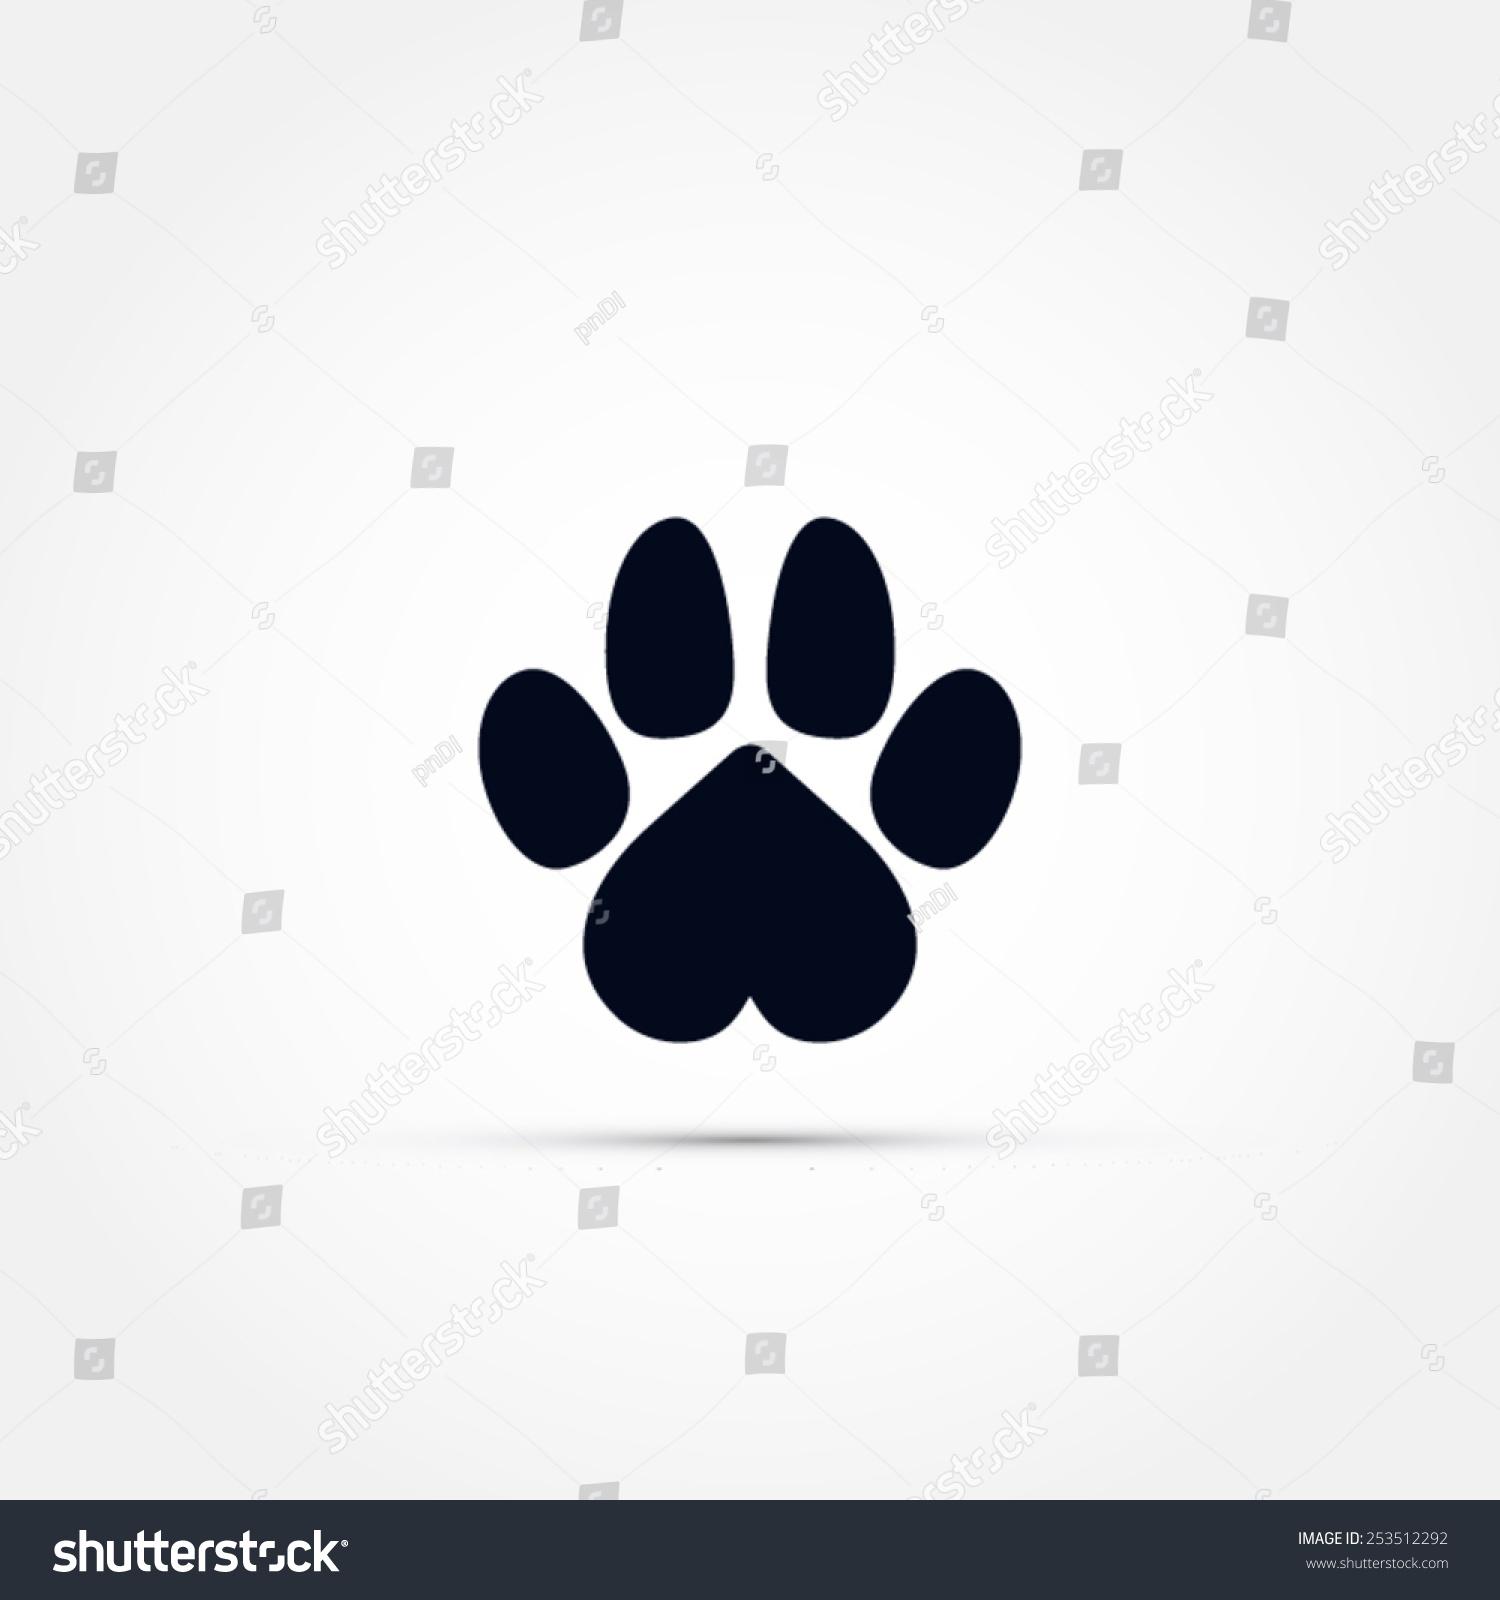 爪子图标-动物/野生生物,符号/标志-海洛创意(hellorf